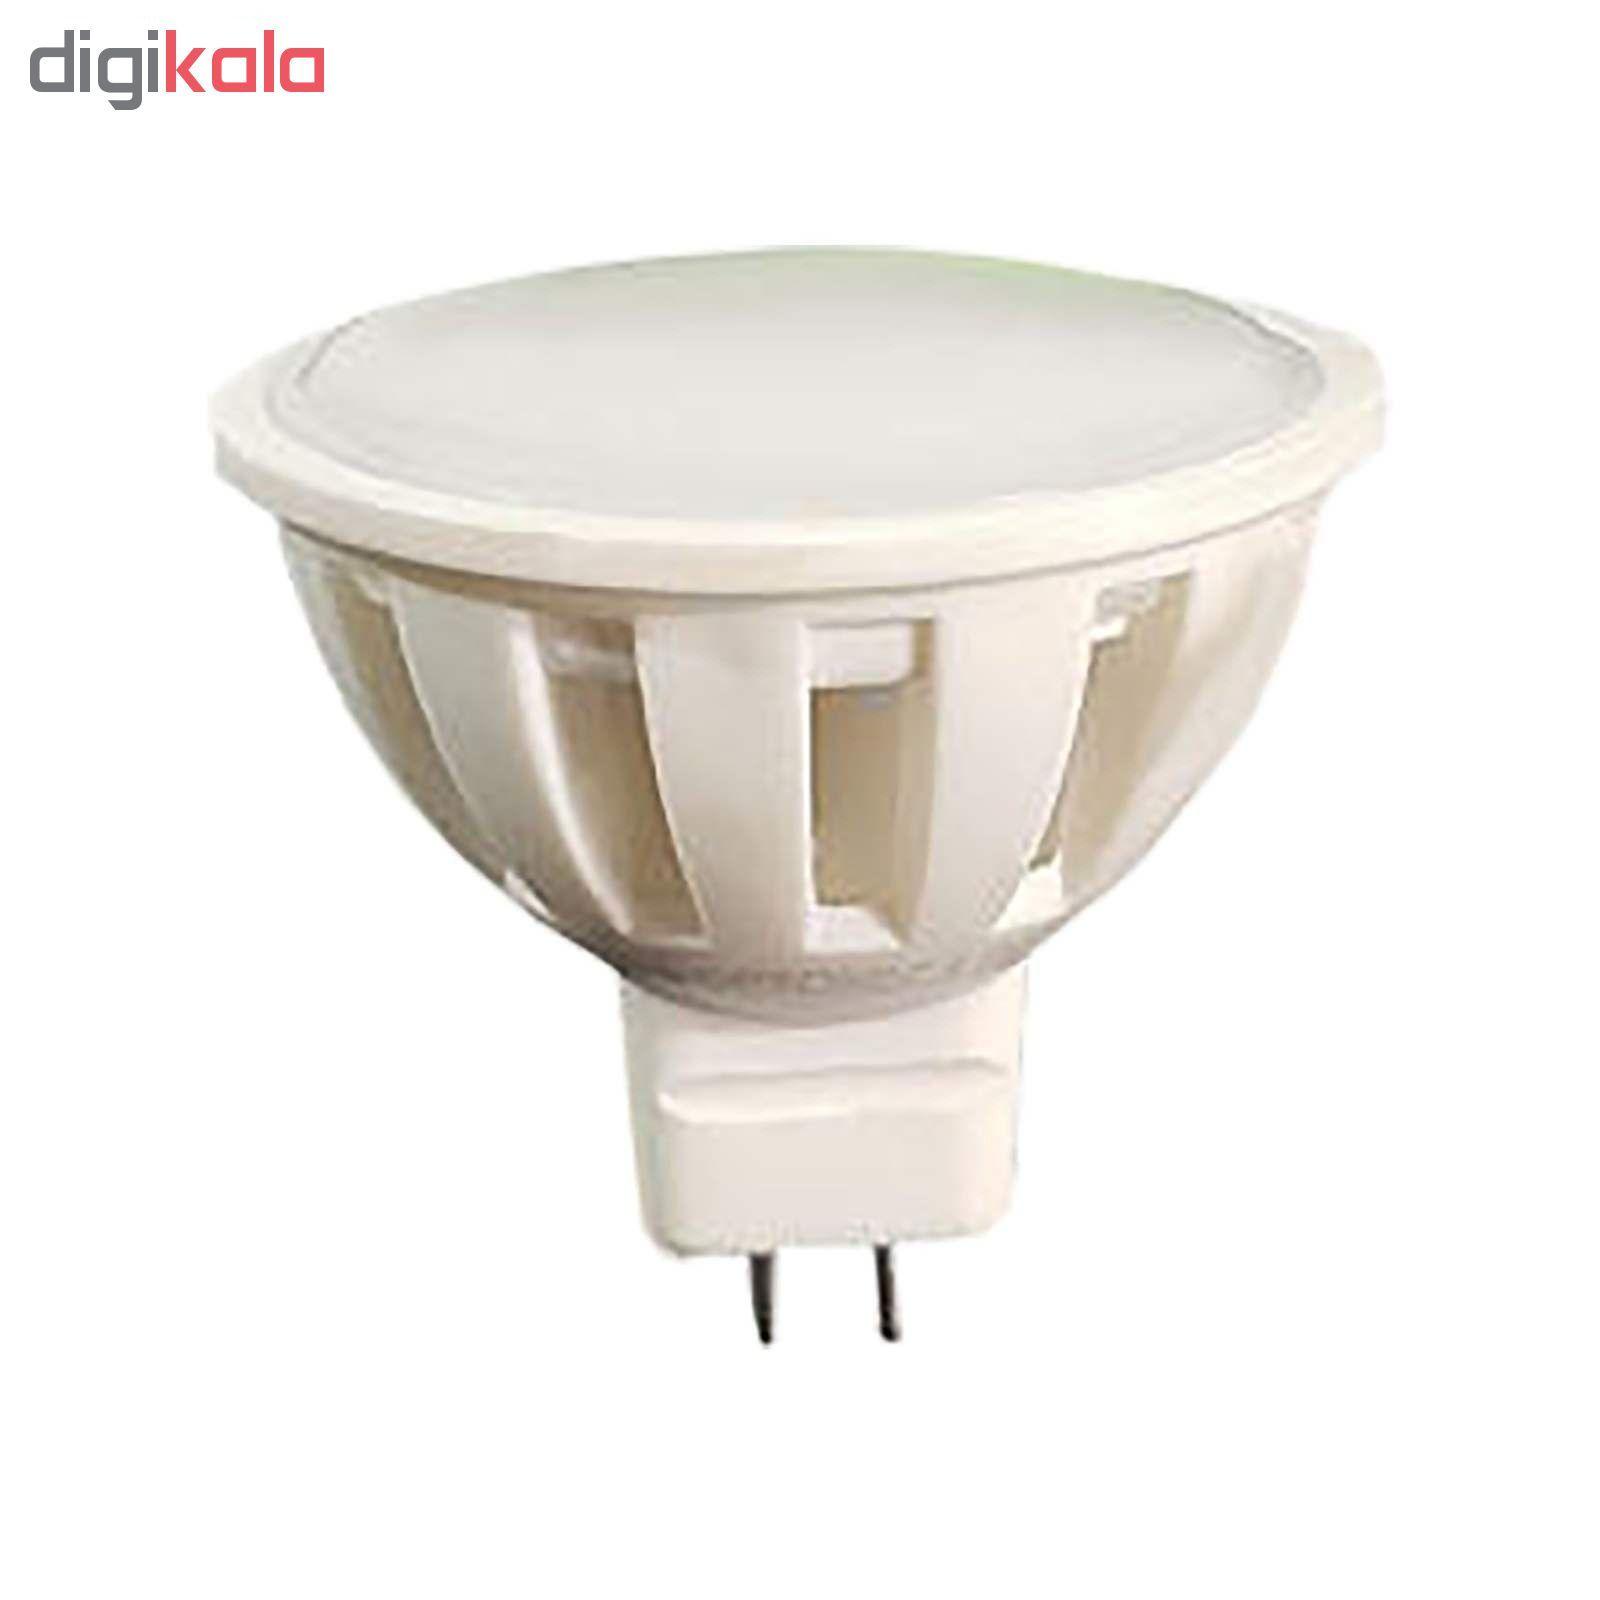 لامپ ال ای دی 5 وات مدل AB10 پایه GU5.3 بسته 10 عددی main 1 2